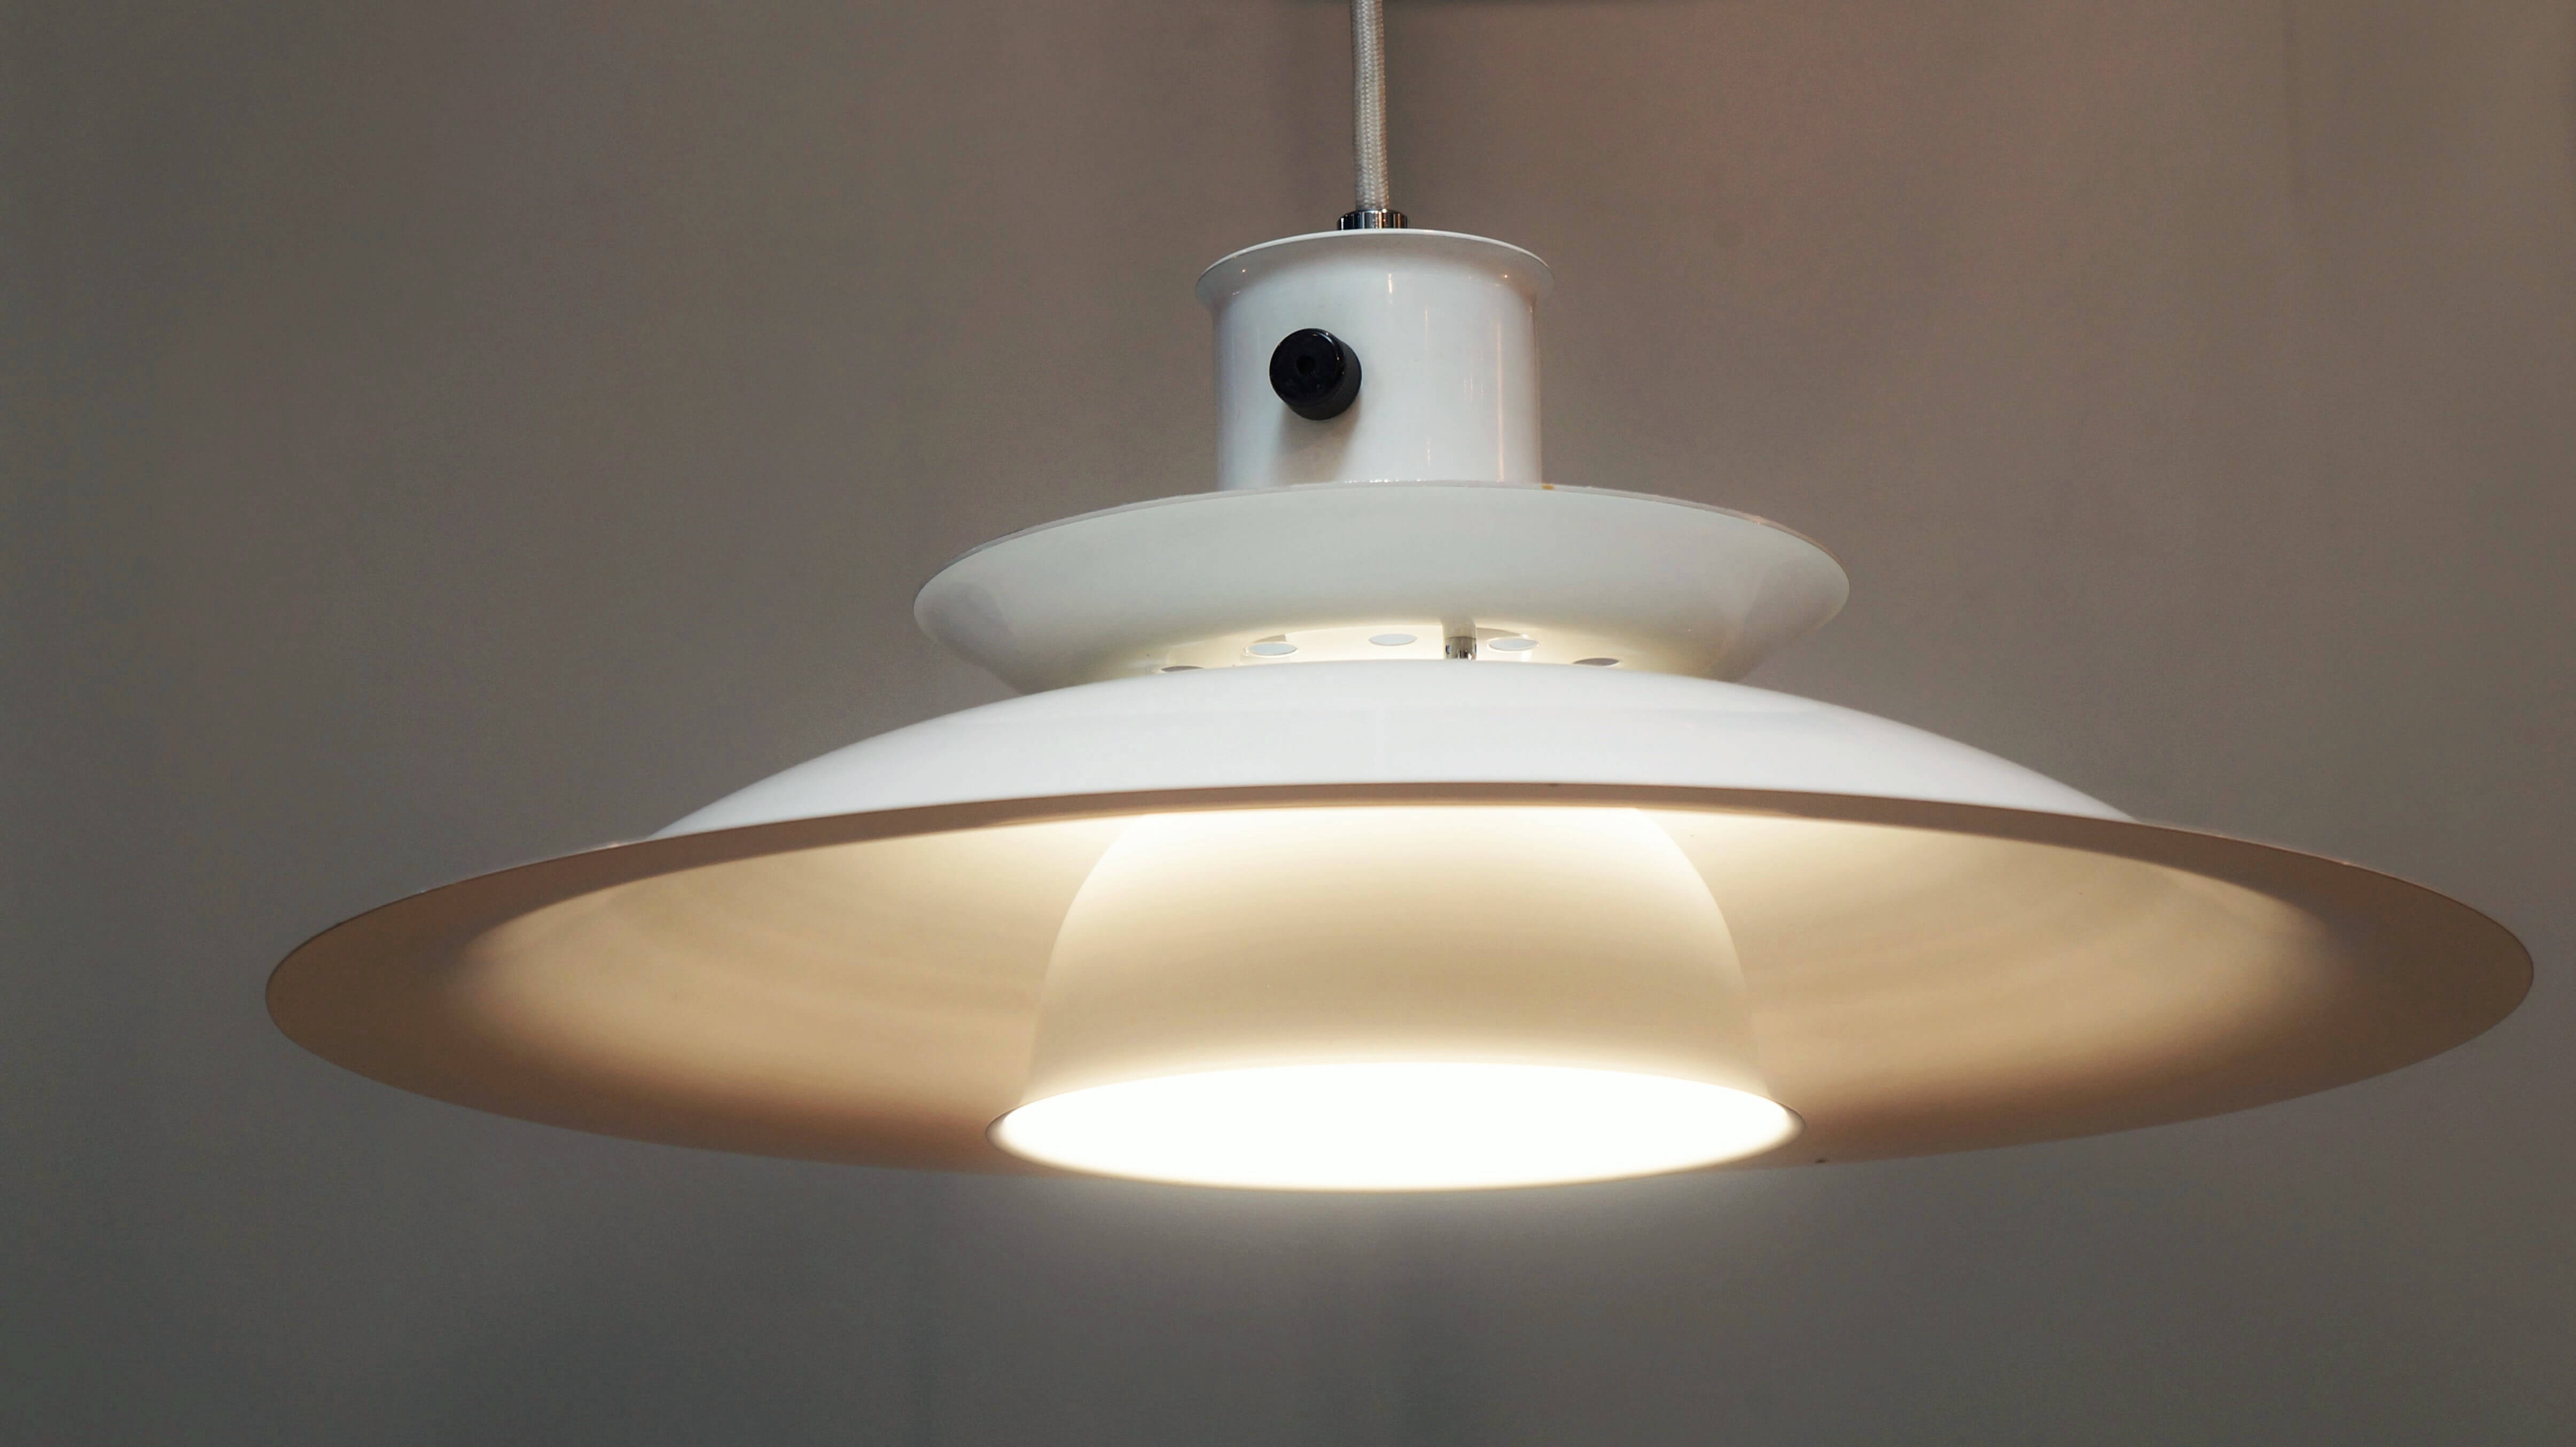 日本の老舗照明メーカー、山田照明のヴィンテージペンダントライト。 80年代に製造されたものです。 北欧モダンデザインからインスピレーションを受けたような、シェードが重なるデザイン。 シェードから漏れる光がお部屋を優しく照らしてくれます。 シンプルで洗練されたデザインはスタイルを選ばず、どんな空間にもよく馴染みます。 北欧デザインがお好きな方にも、シンプルでモダンなデザインがお好きな方にも、 おすすめの照明です。 優しい灯りでお部屋を演出してみてはいかがでしょうか♪ 東京都杉並区阿佐ヶ谷北アンティークショップ 古一/ZACK高円寺店】 古一/ふるいちでは出張無料買取も行っております。杉並区周辺はもちろん、世田谷区・目黒区・武蔵野市・新宿区等の東京近郊のお見積もりも!ビンテージ家具・インテリア雑貨・ランプ・USED品・ リサイクルなら古一/フルイチへ~